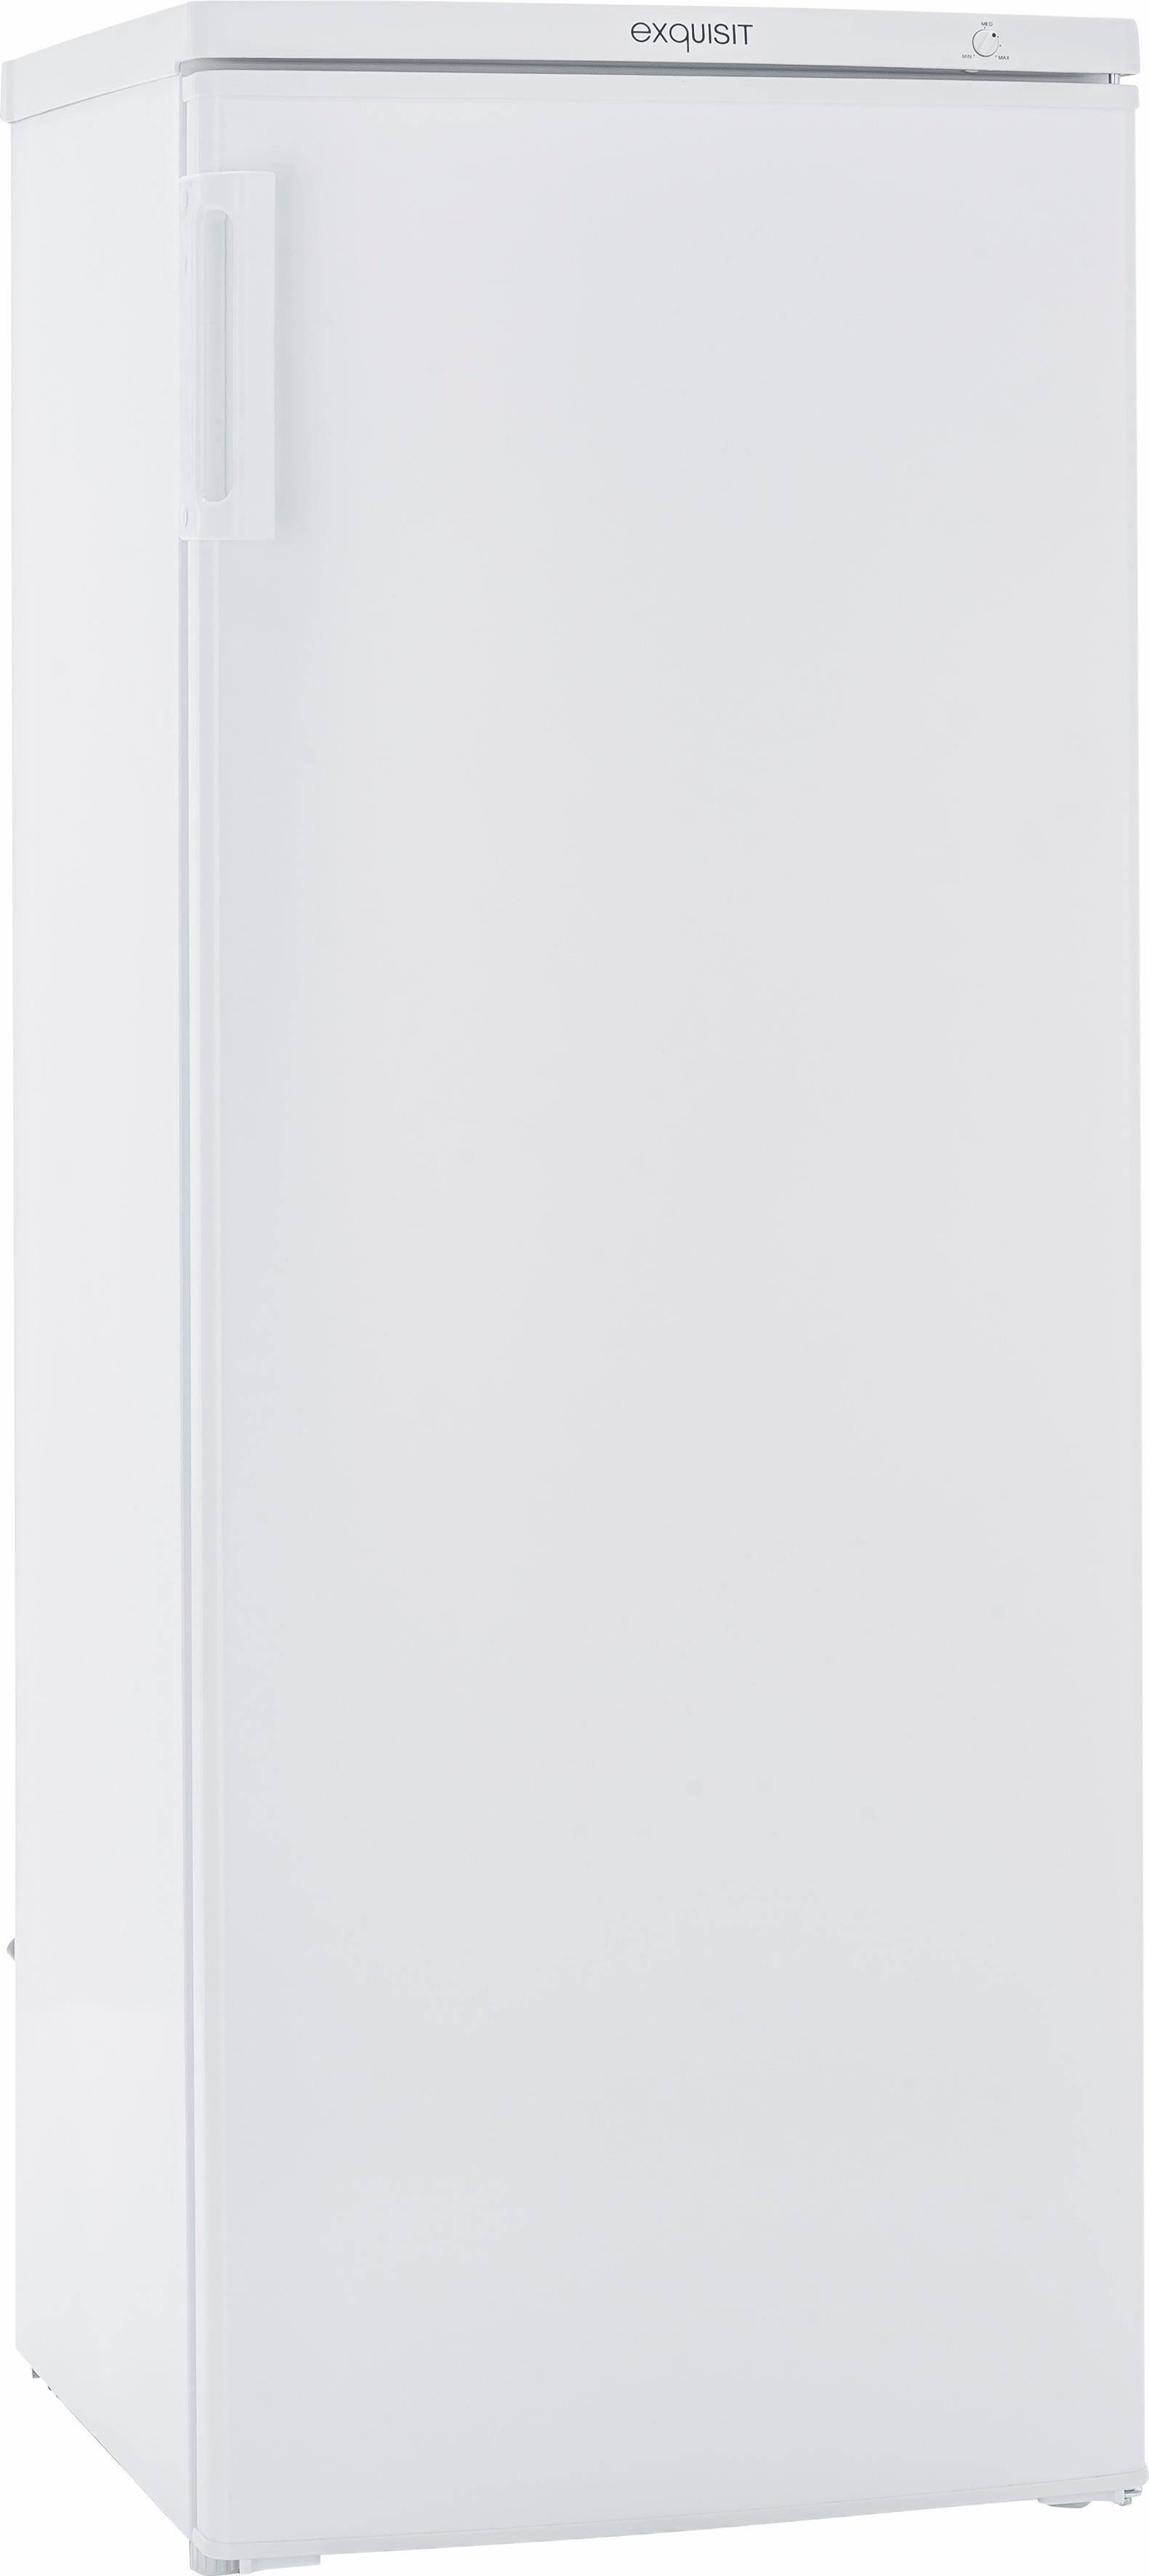 exquisit Gefrierschrank GS 235-4.2 A++, 143,0 cm hoch, 55,0 cm breit, weiß, Energieeffizienzklasse A++